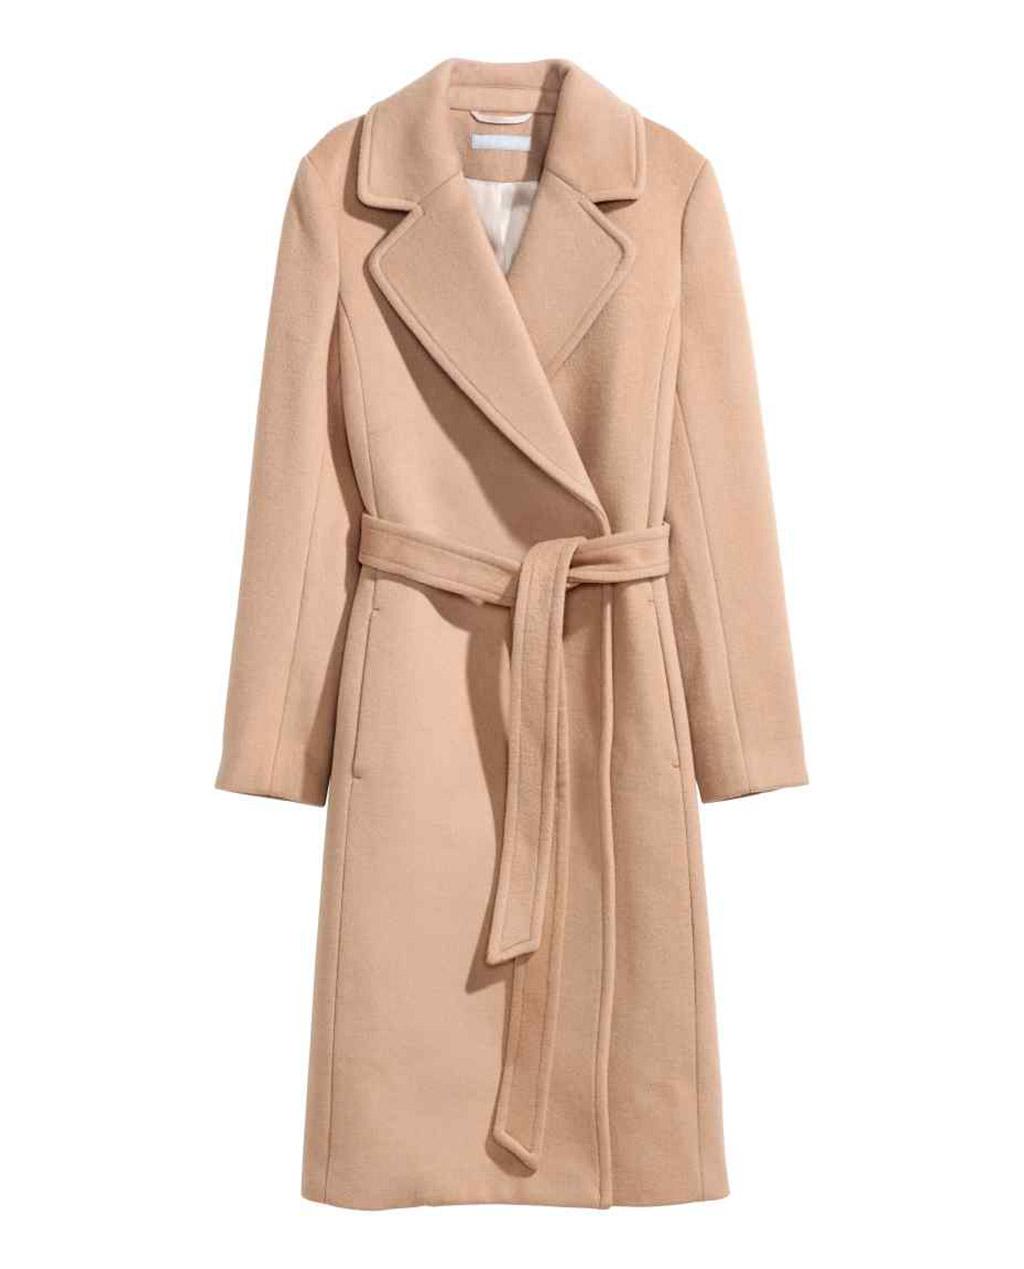 Cappotto aderente in morbido feltro di misto lana h&m